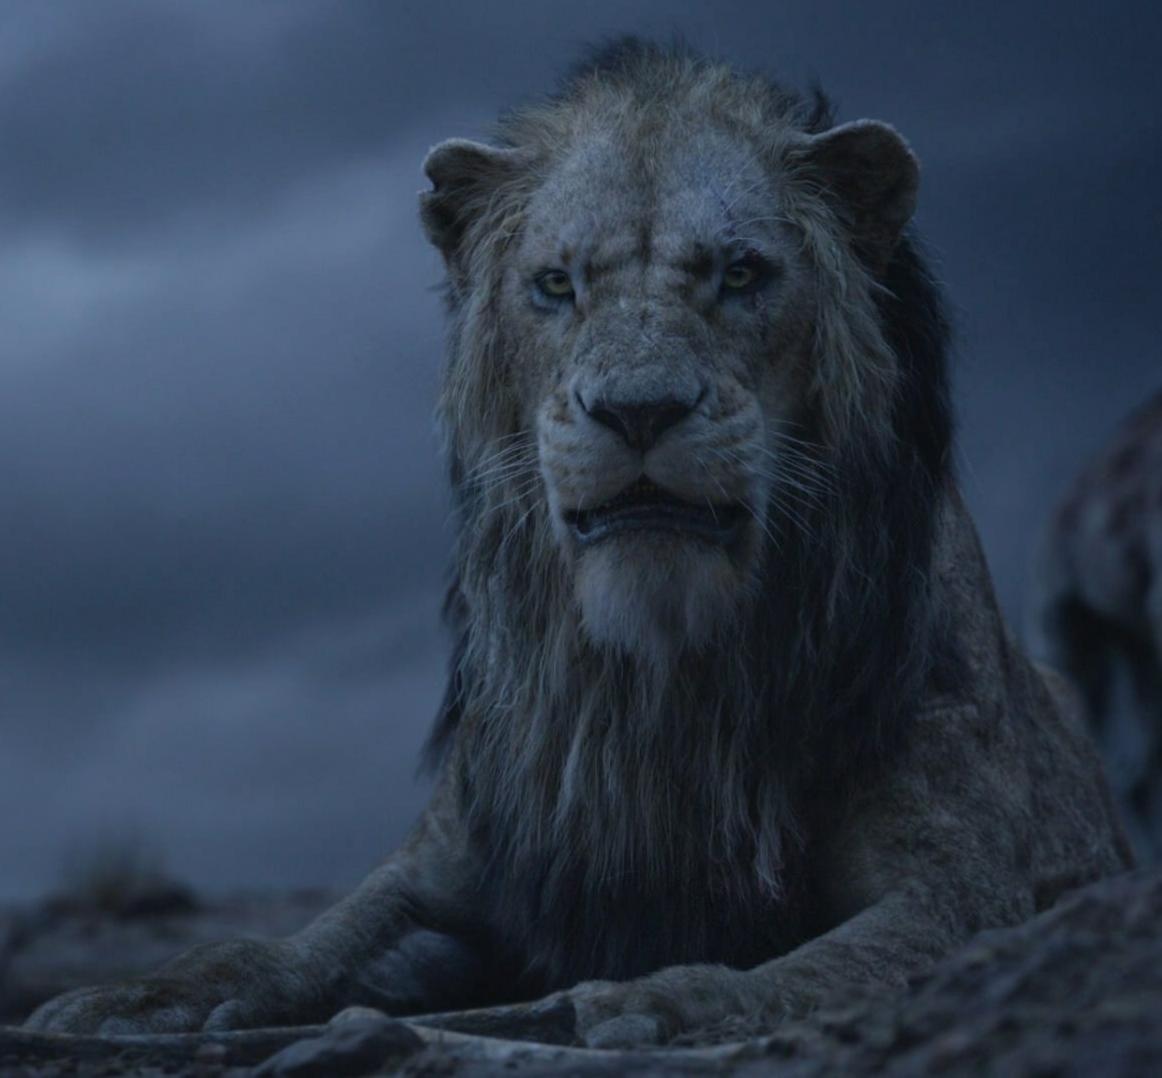 Scar (2019 film)